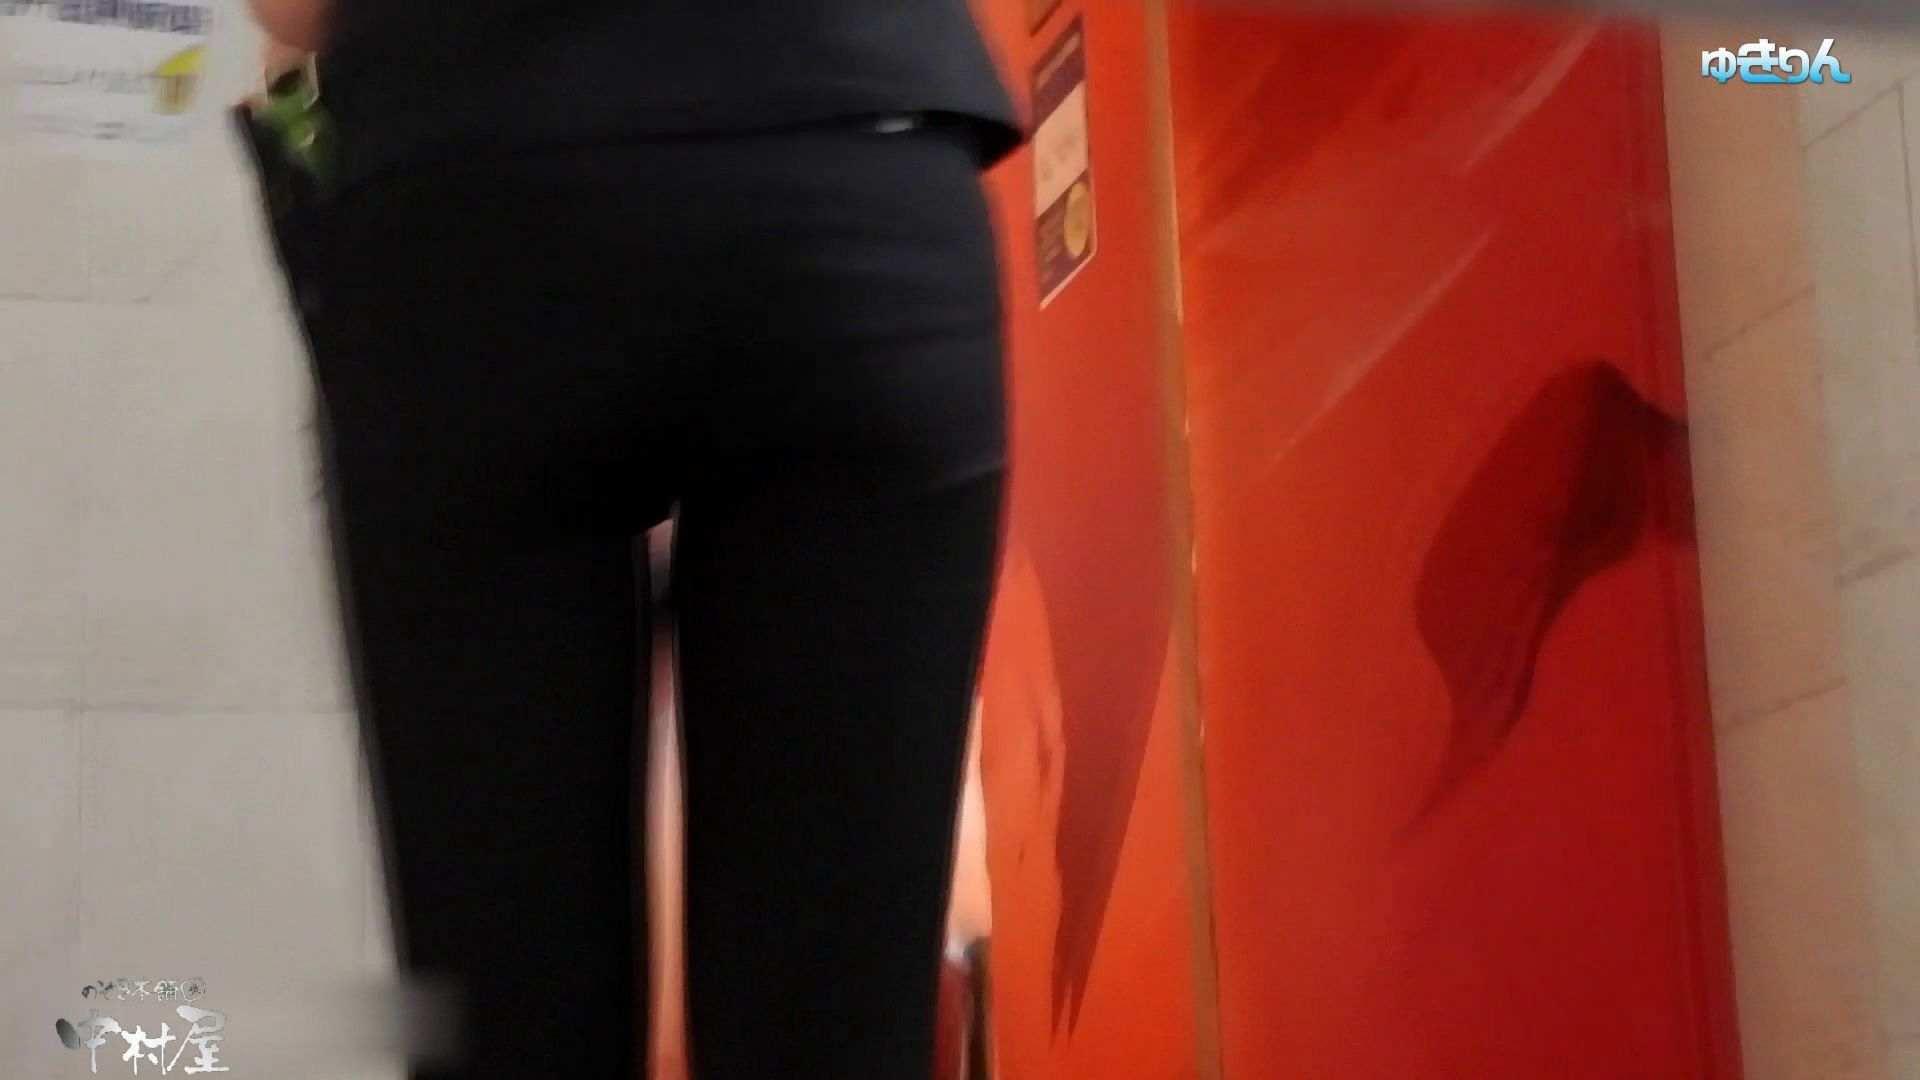 世界の射窓から~ステーション編 vol60 ユキリン粘着撮り!!今回はタイトなパンツが似合う美女 美女まとめ   0  113PIX 13